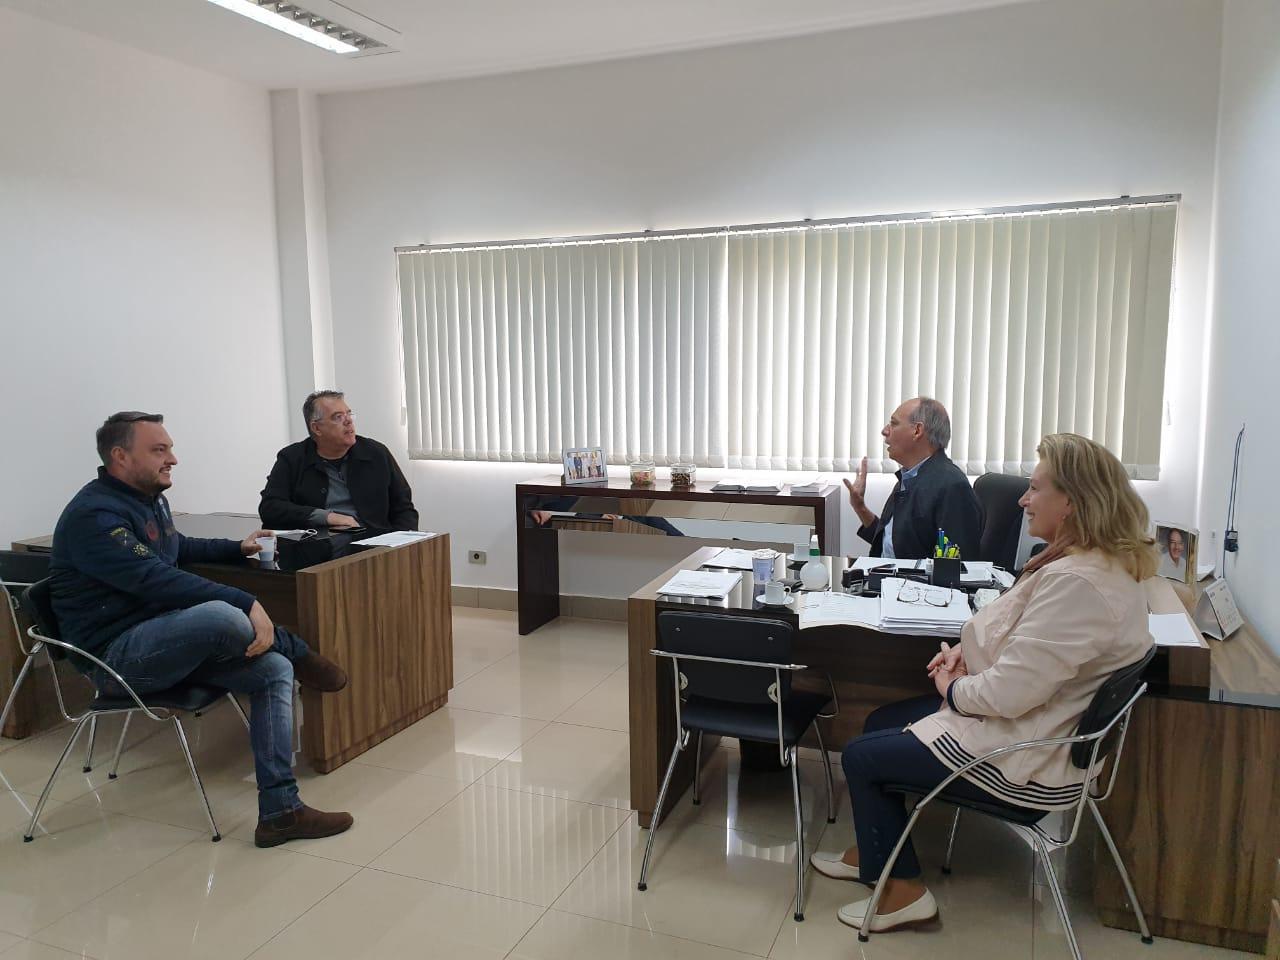 Presidente da Cãmara mantêm reunião com Prefeito, Vice-Prefeito e Secretária de Administração